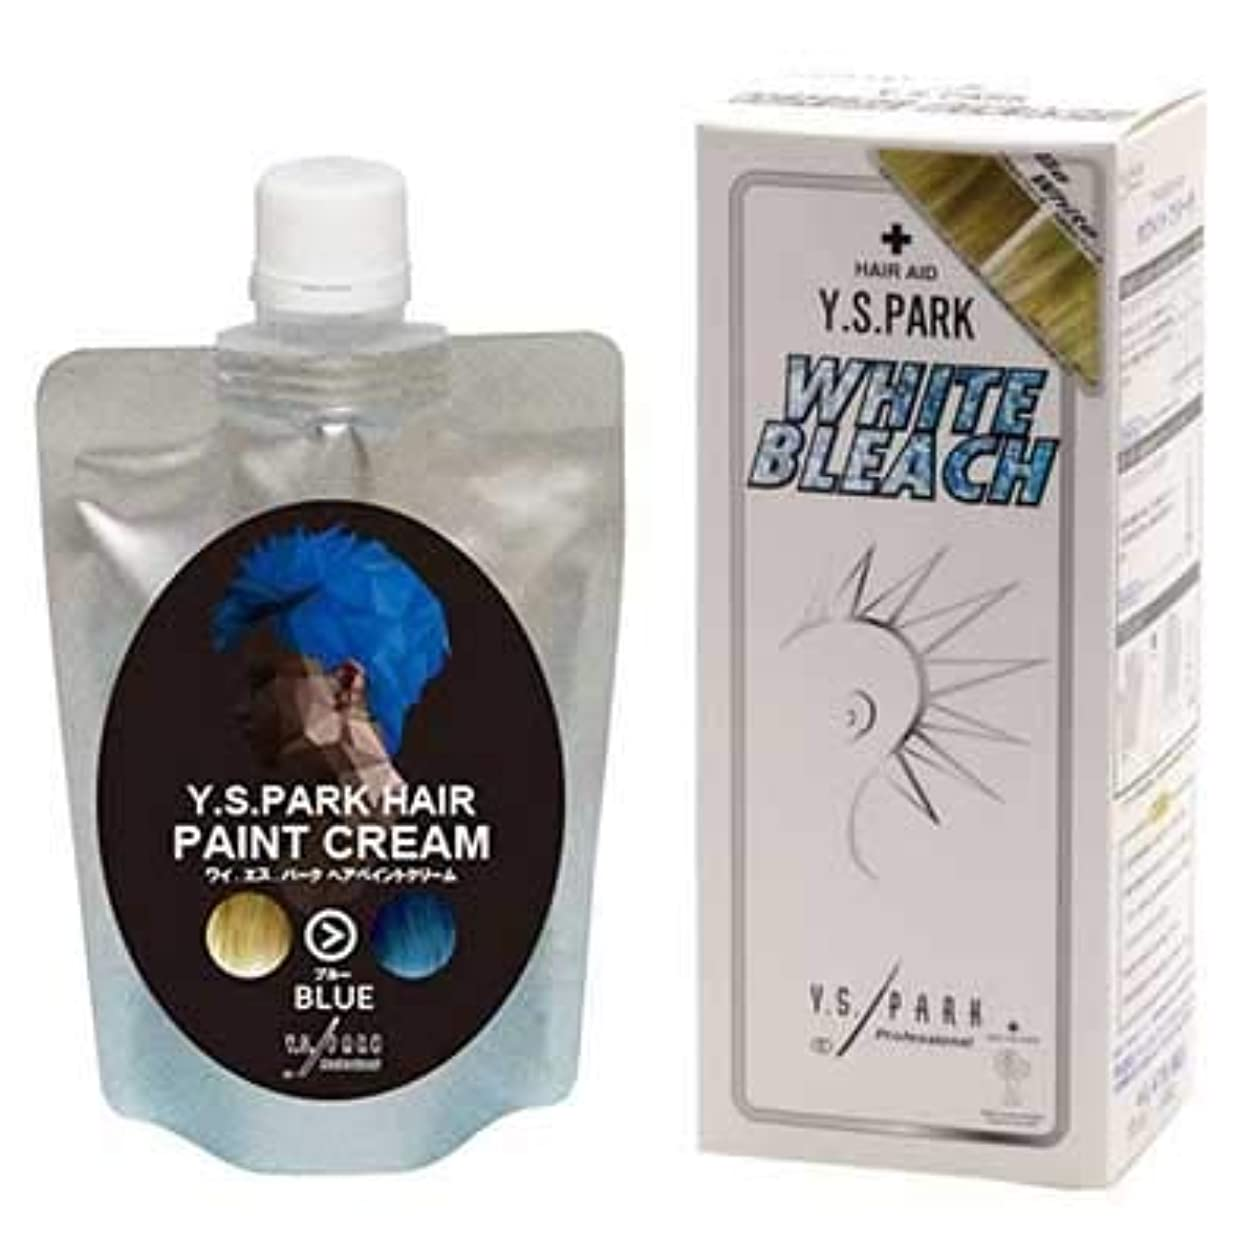 自己尊重不平を言う面積Y.S.PARKヘアペイントクリーム ブルー 200g & Y.S.PARKホワイトブリーチセット